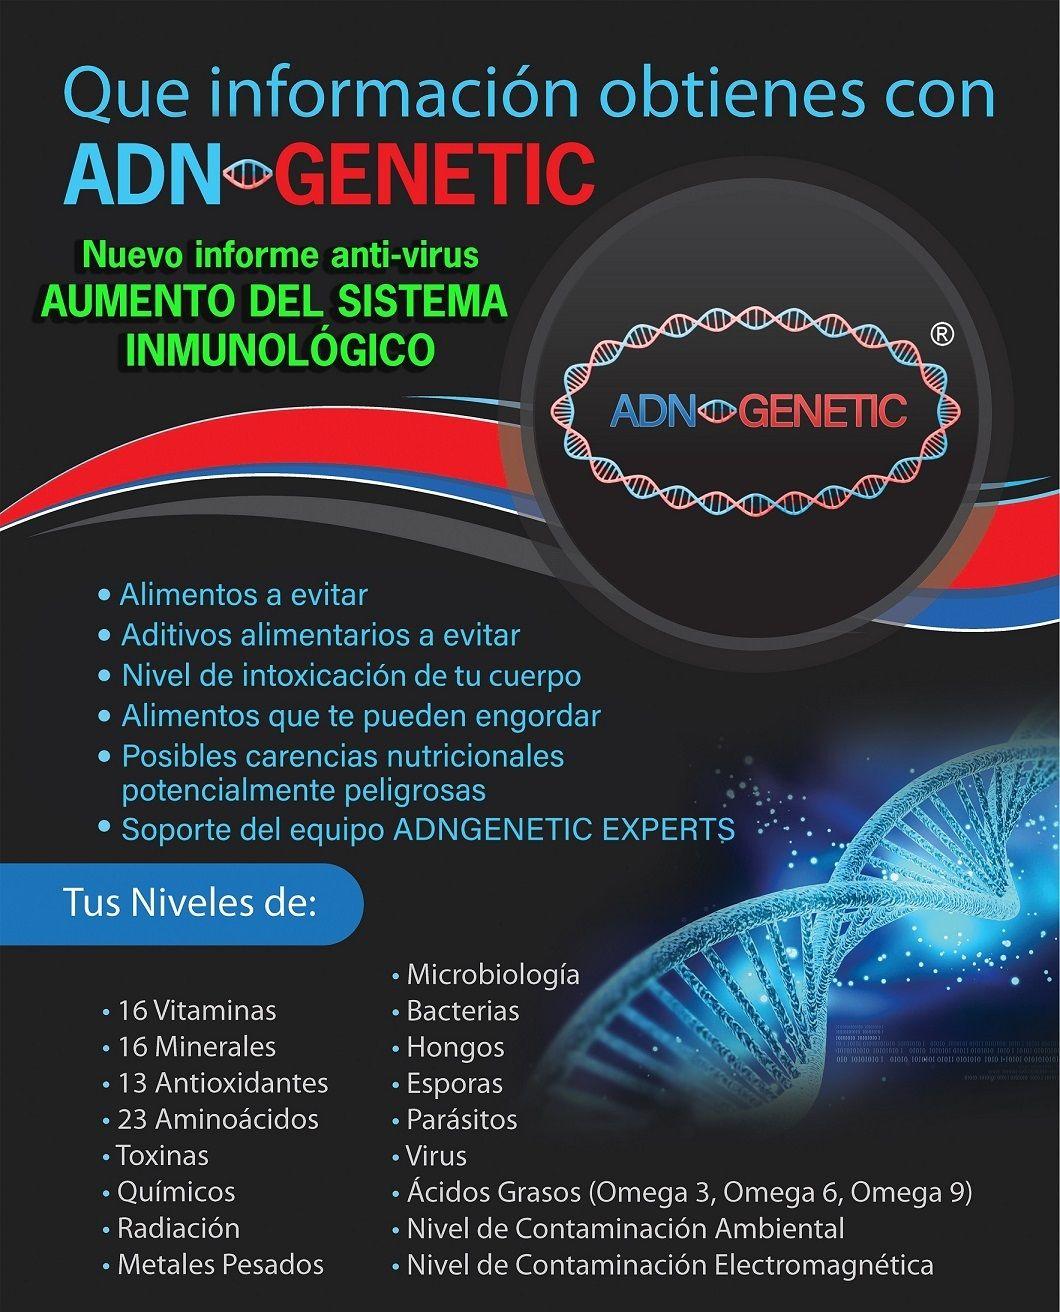 ADNGENETIC, análisis genético, prueba genética, test genético, epigenética, adn,